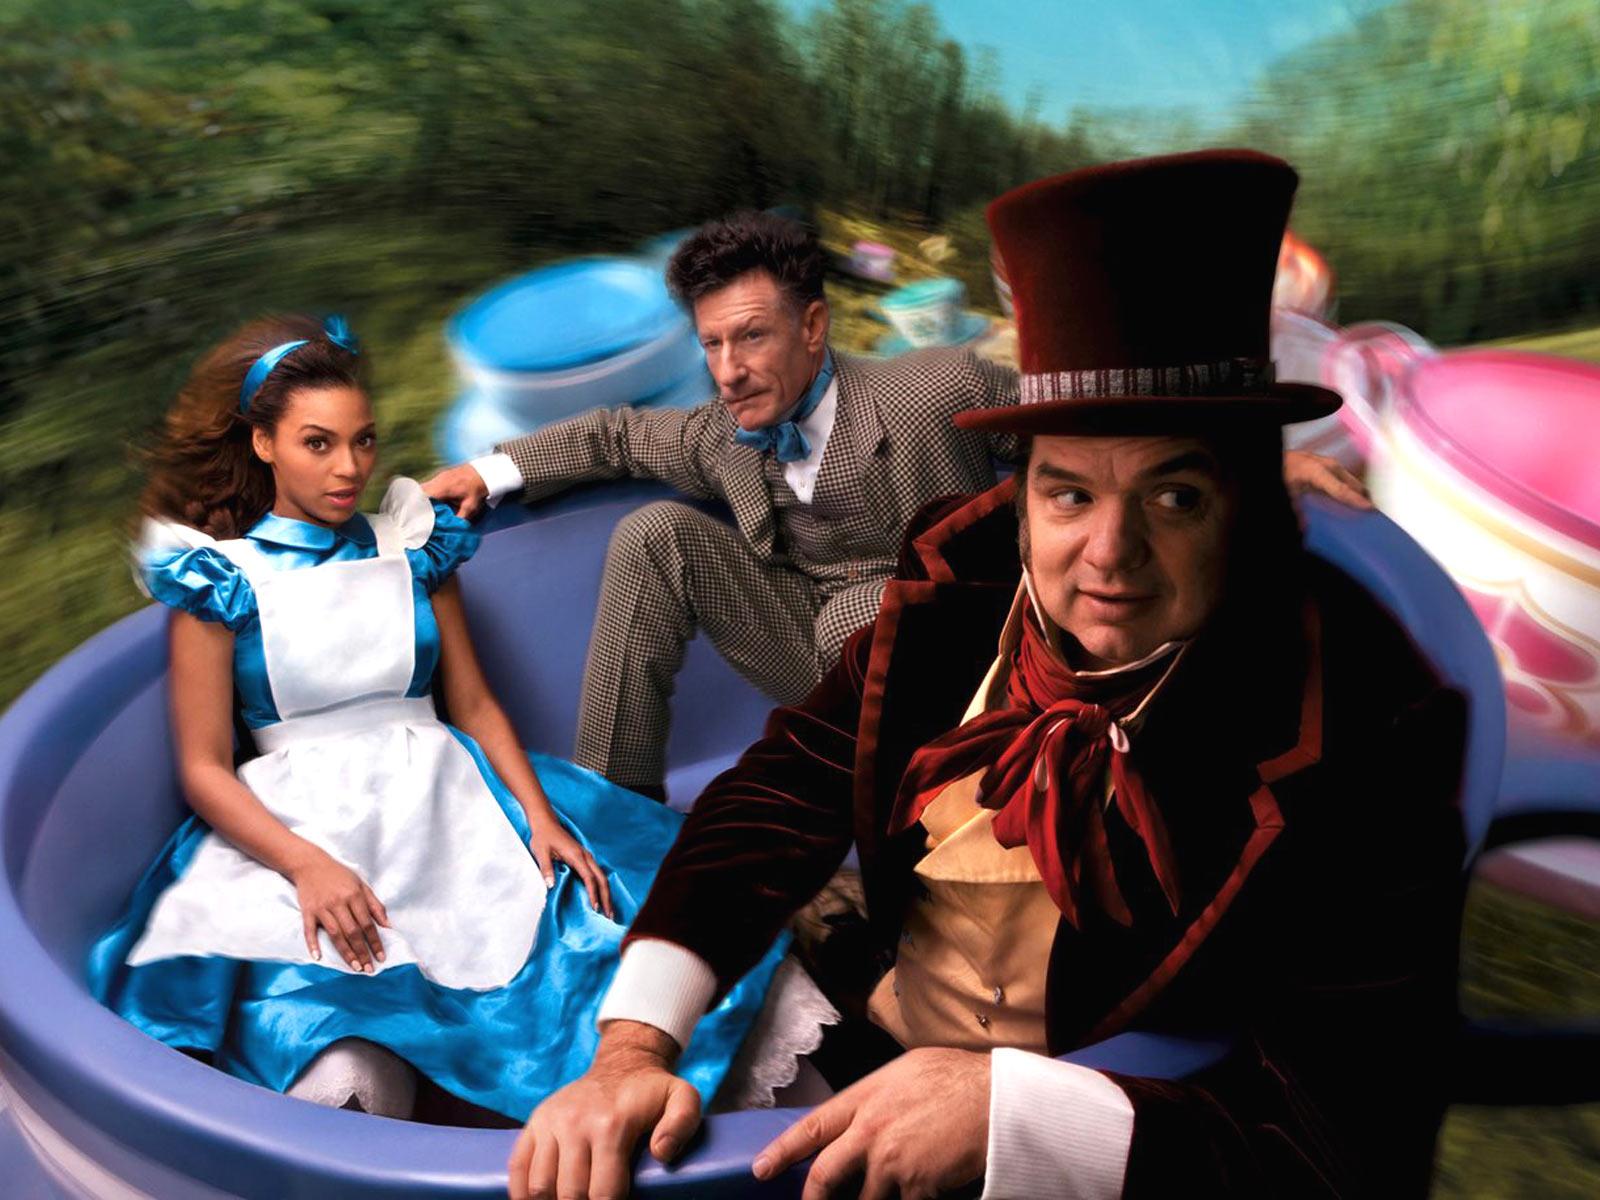 http://2.bp.blogspot.com/-LkfzmxUtHZs/TVf12CqkuJI/AAAAAAAABCE/SqEaeSlXjEE/s1600/Scarlett_Johansson_and_David_Beckham_as_Cinderella_-_Sleeping_Beauty_s_prince.jpg